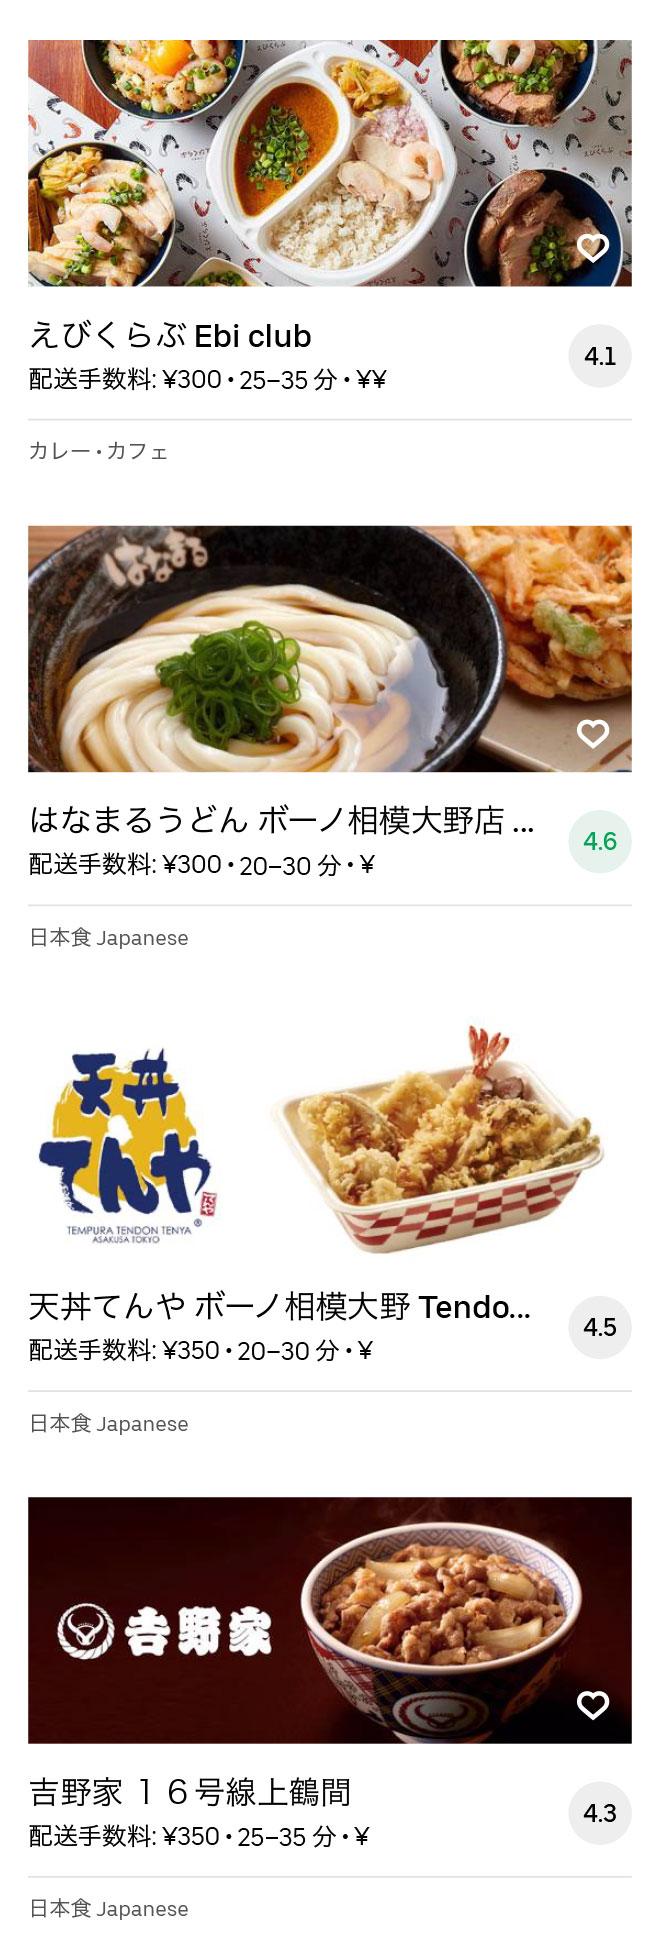 Odakyu sagamihara menu 2008 06